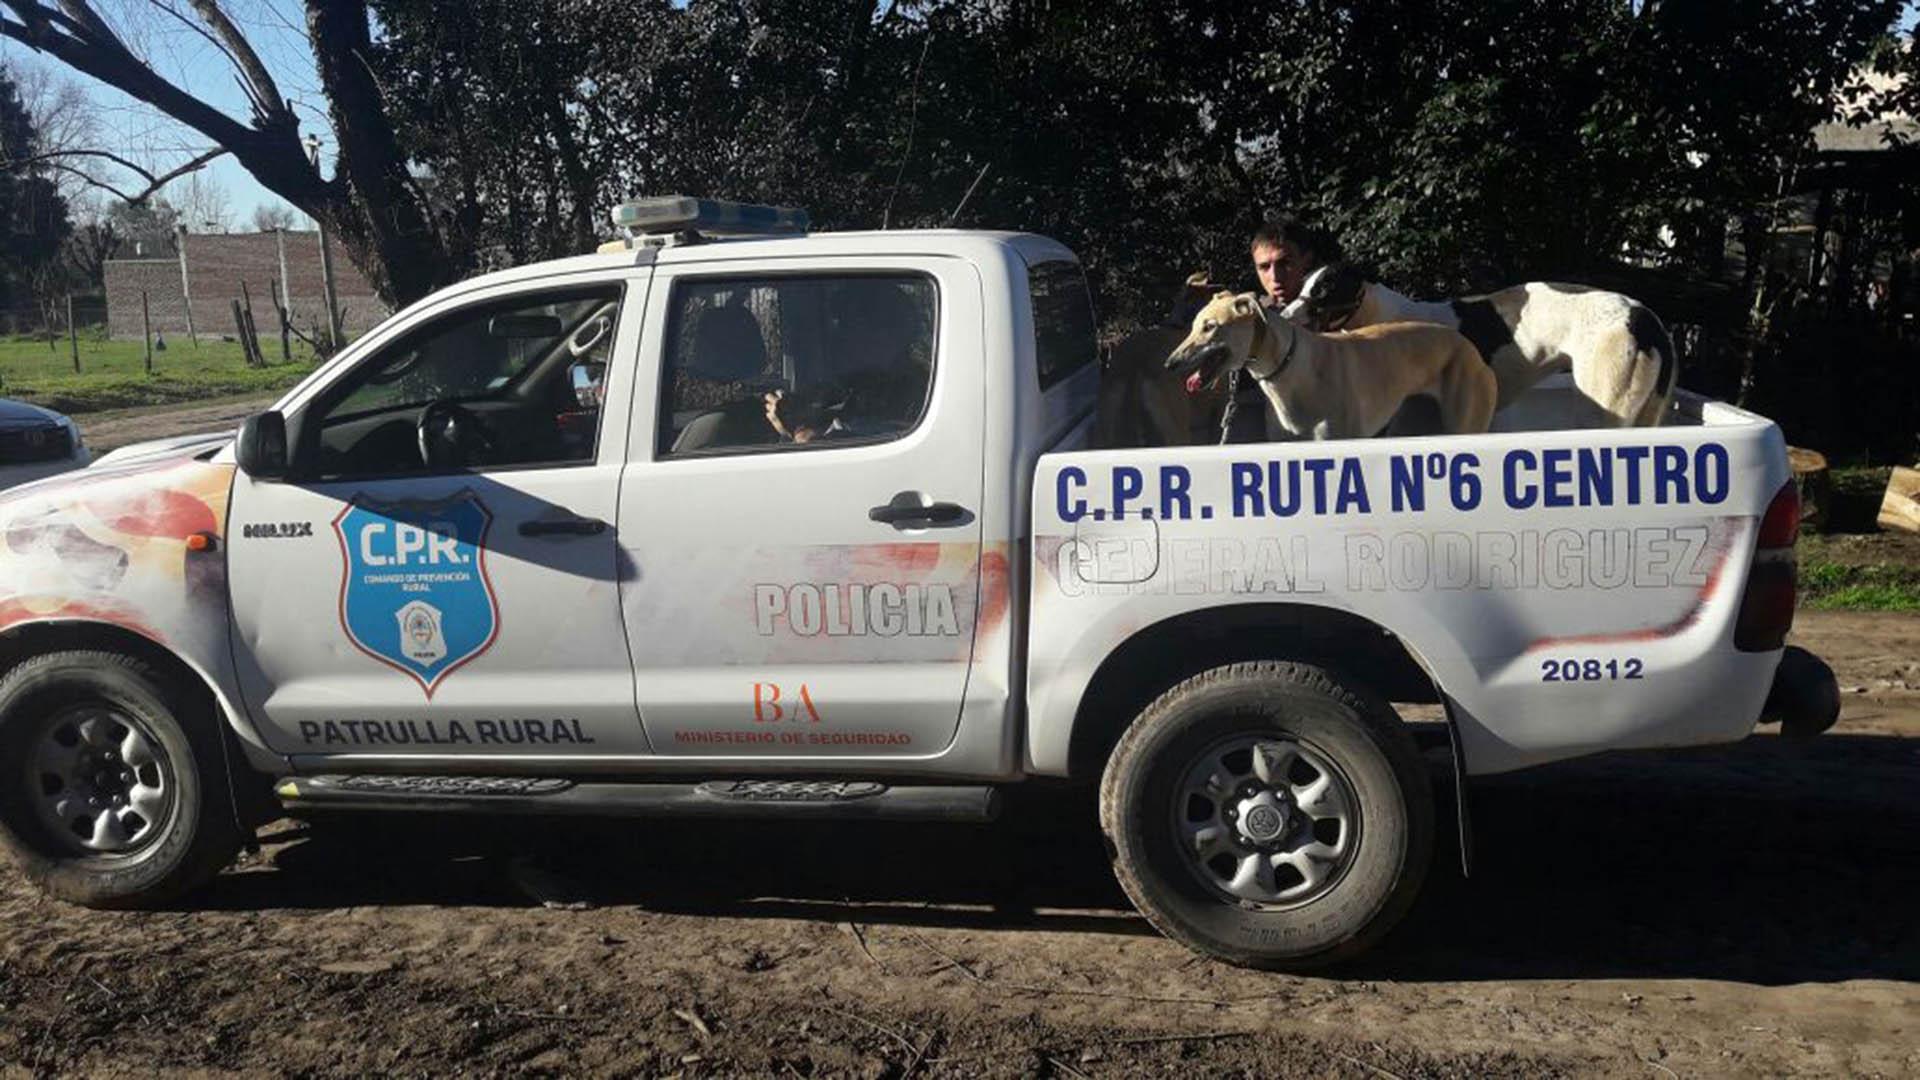 Personal del Comando de Prevención Rural de General Rodríguez detuvo ayer a cinco personas cuando estaban por iniciar una carrera de perros pese a estar prohibida desde fines del año pasado y ser ya considerada un delito penal